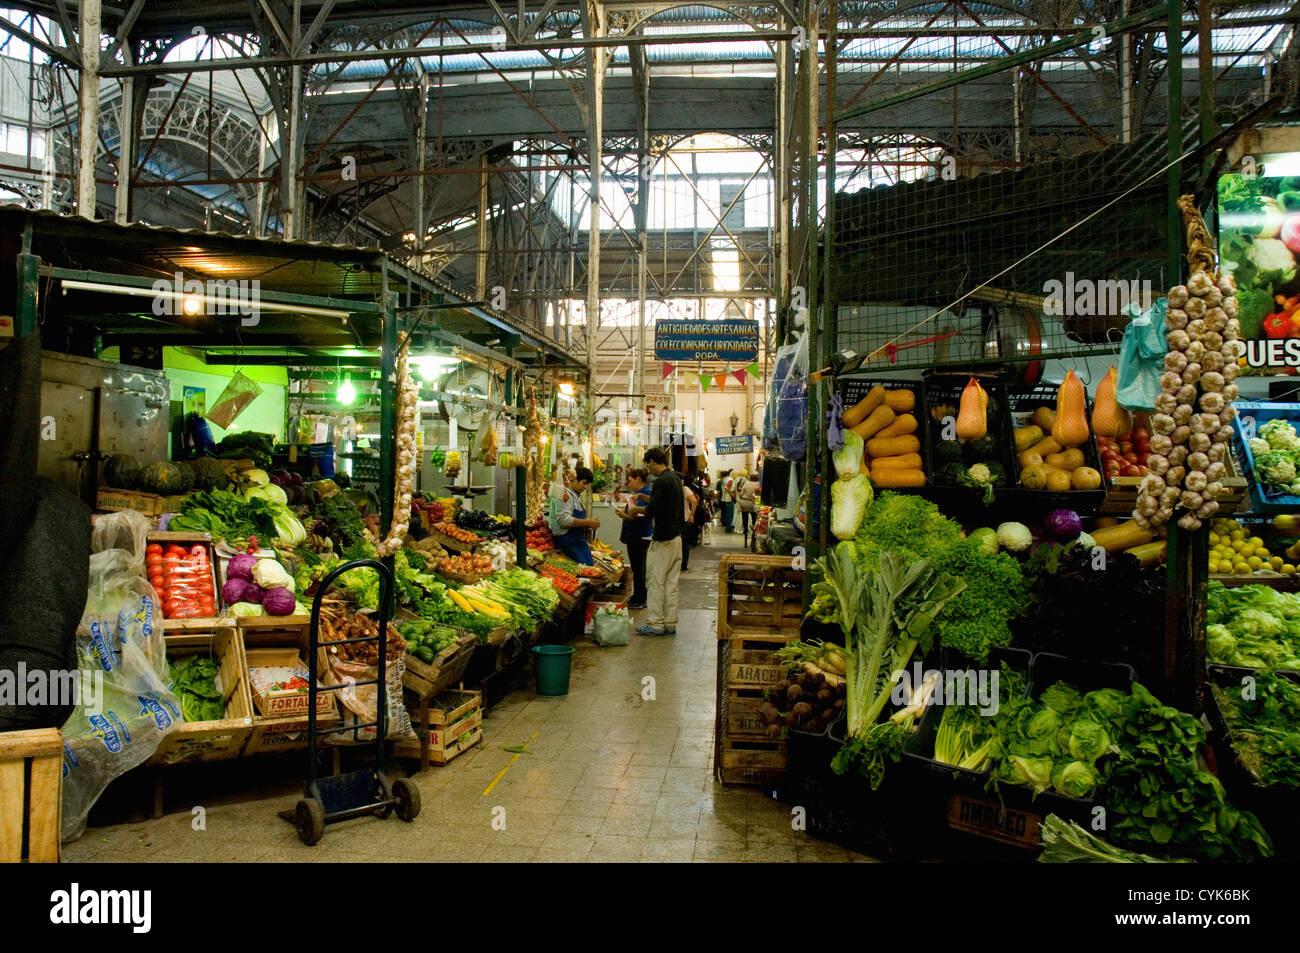 Argentina. Buenos Aires. San Telmo. Mercado San Telmo. Produce stall. Stock Photo